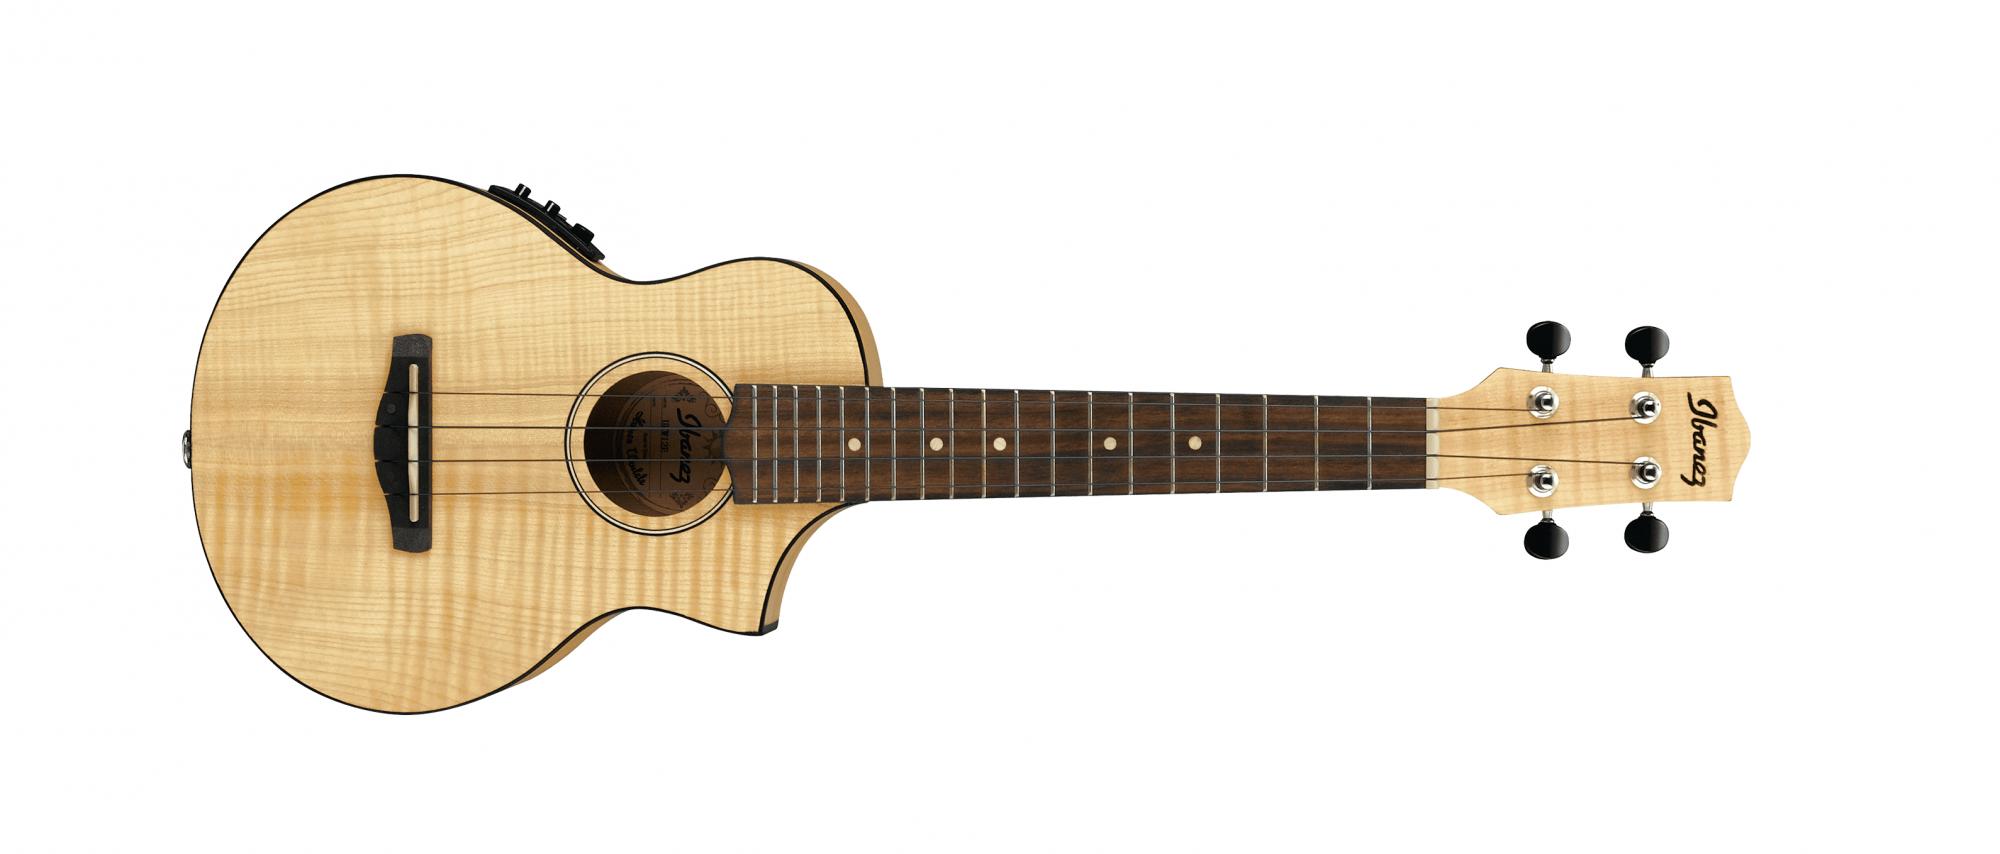 Ibanez UEW12E Acoustic Electric Ukulele, Flame Maple